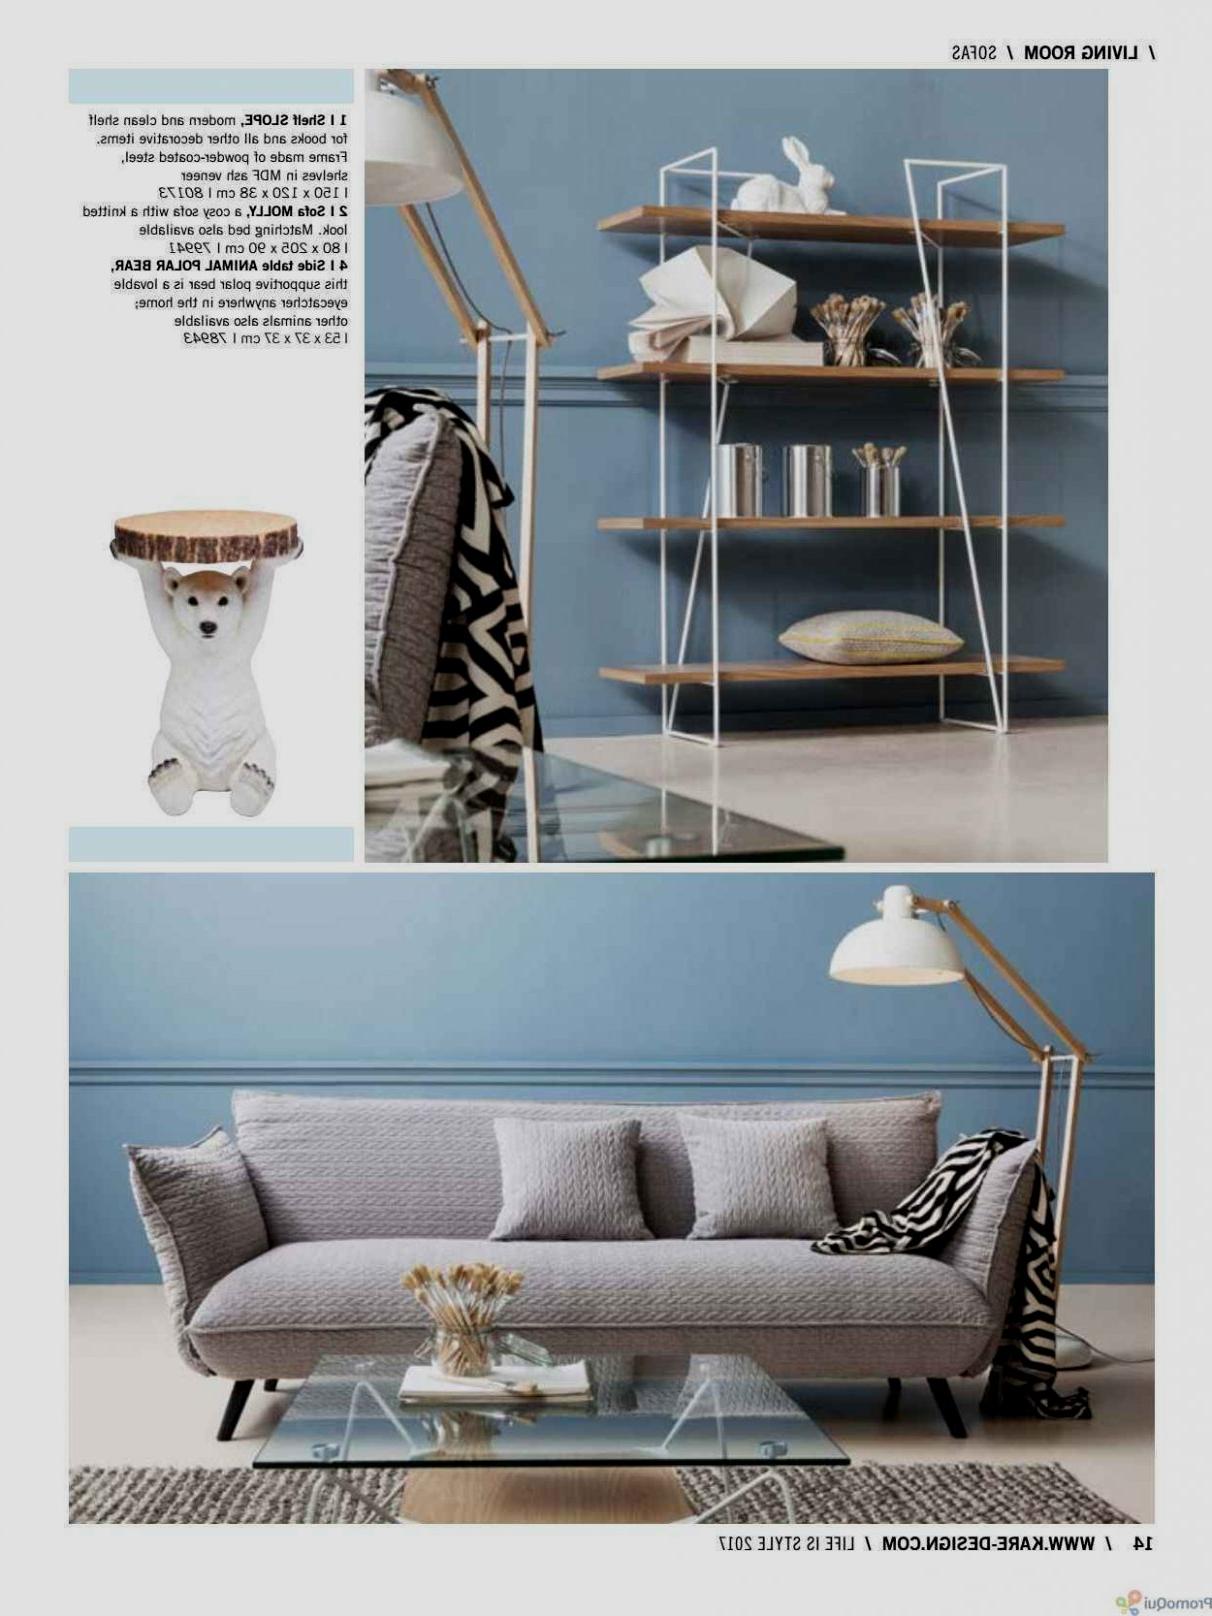 Sofas De Diseño Baratos Budm 25 Hermoso sofas De Diseà O Baratos Busco Sillas